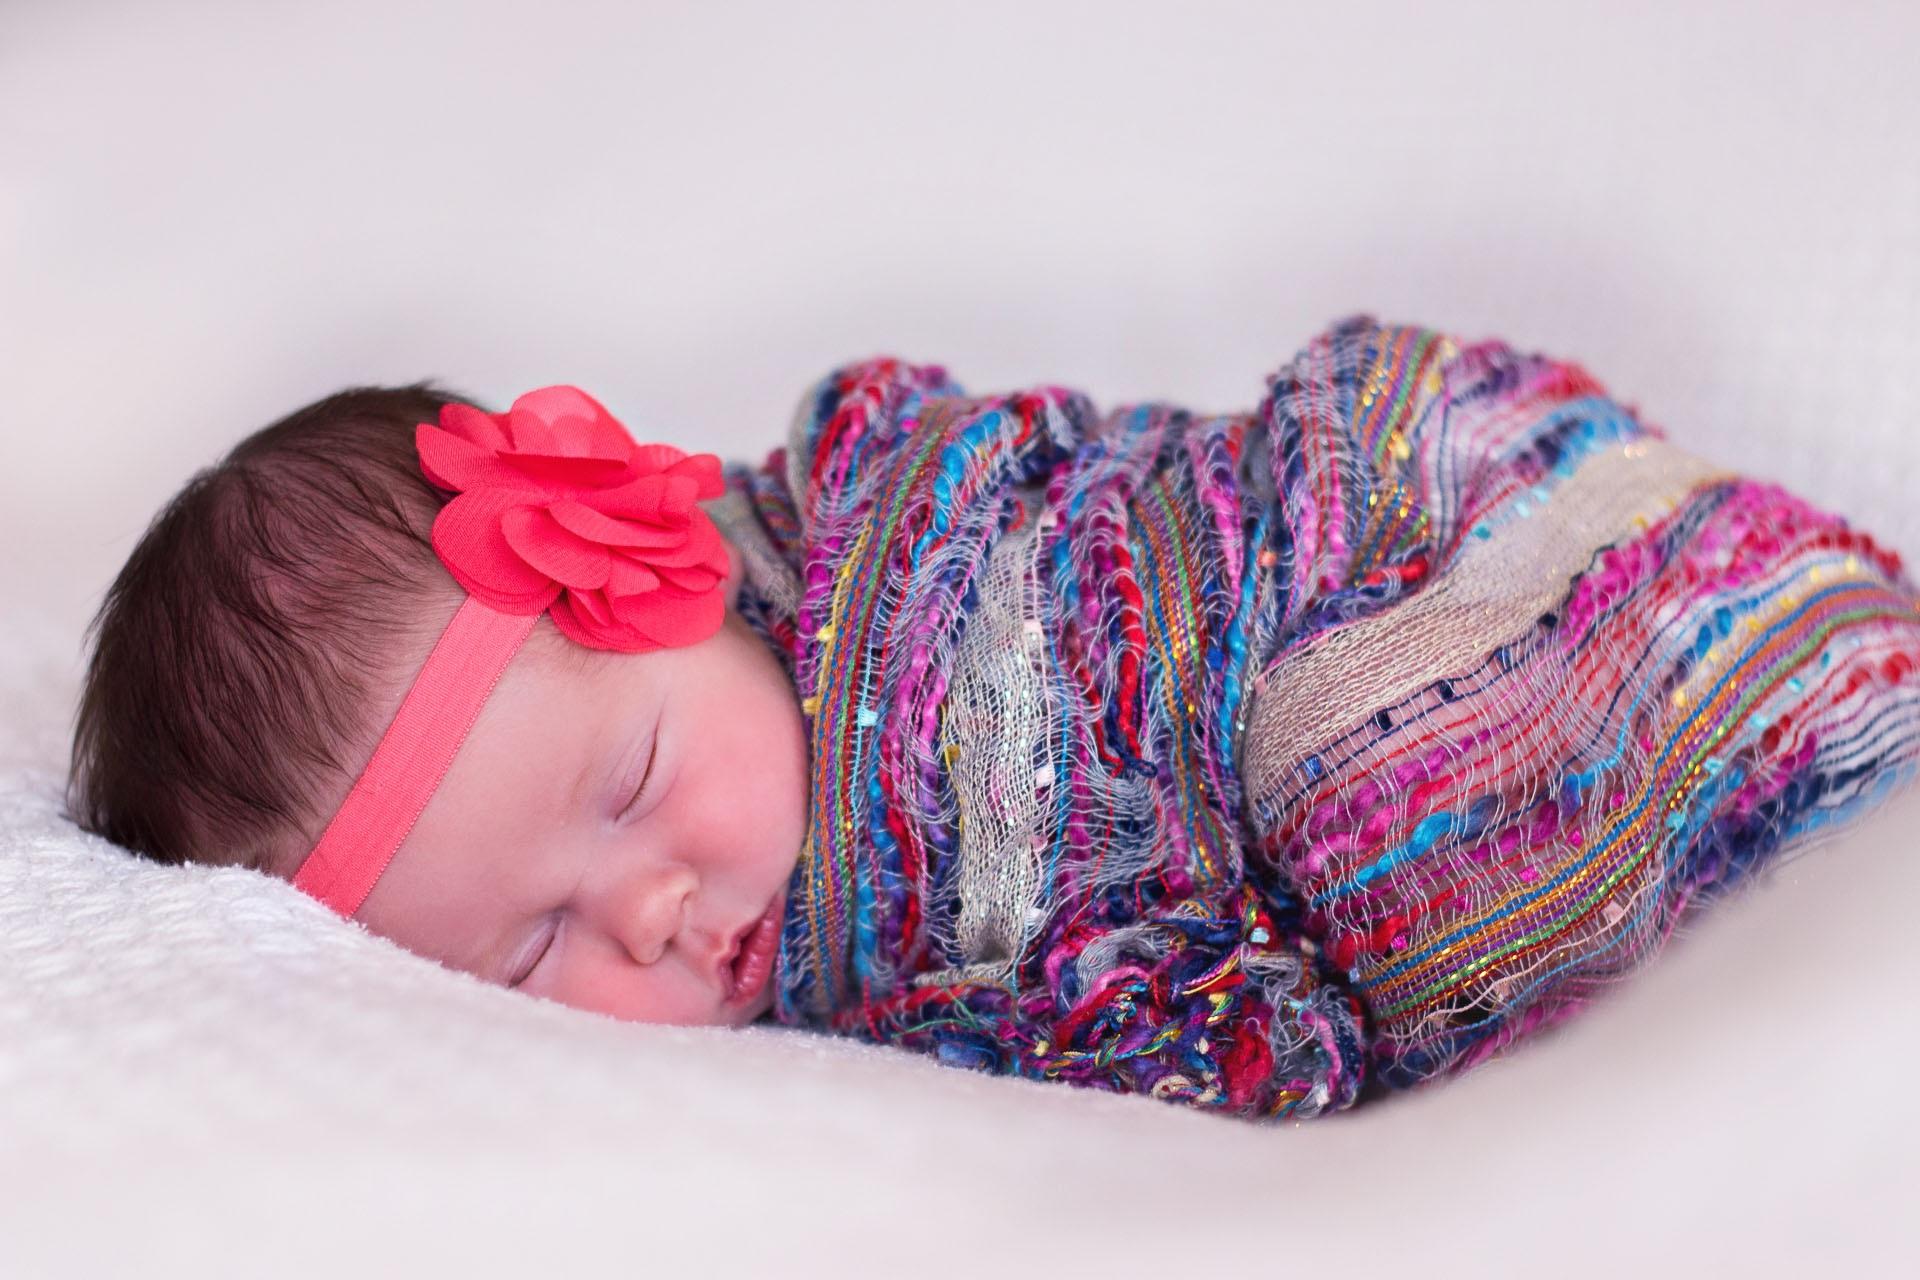 Kostenlose foto : Mädchen, Blütenblatt, Muster, Schlafen, Kleidung ...